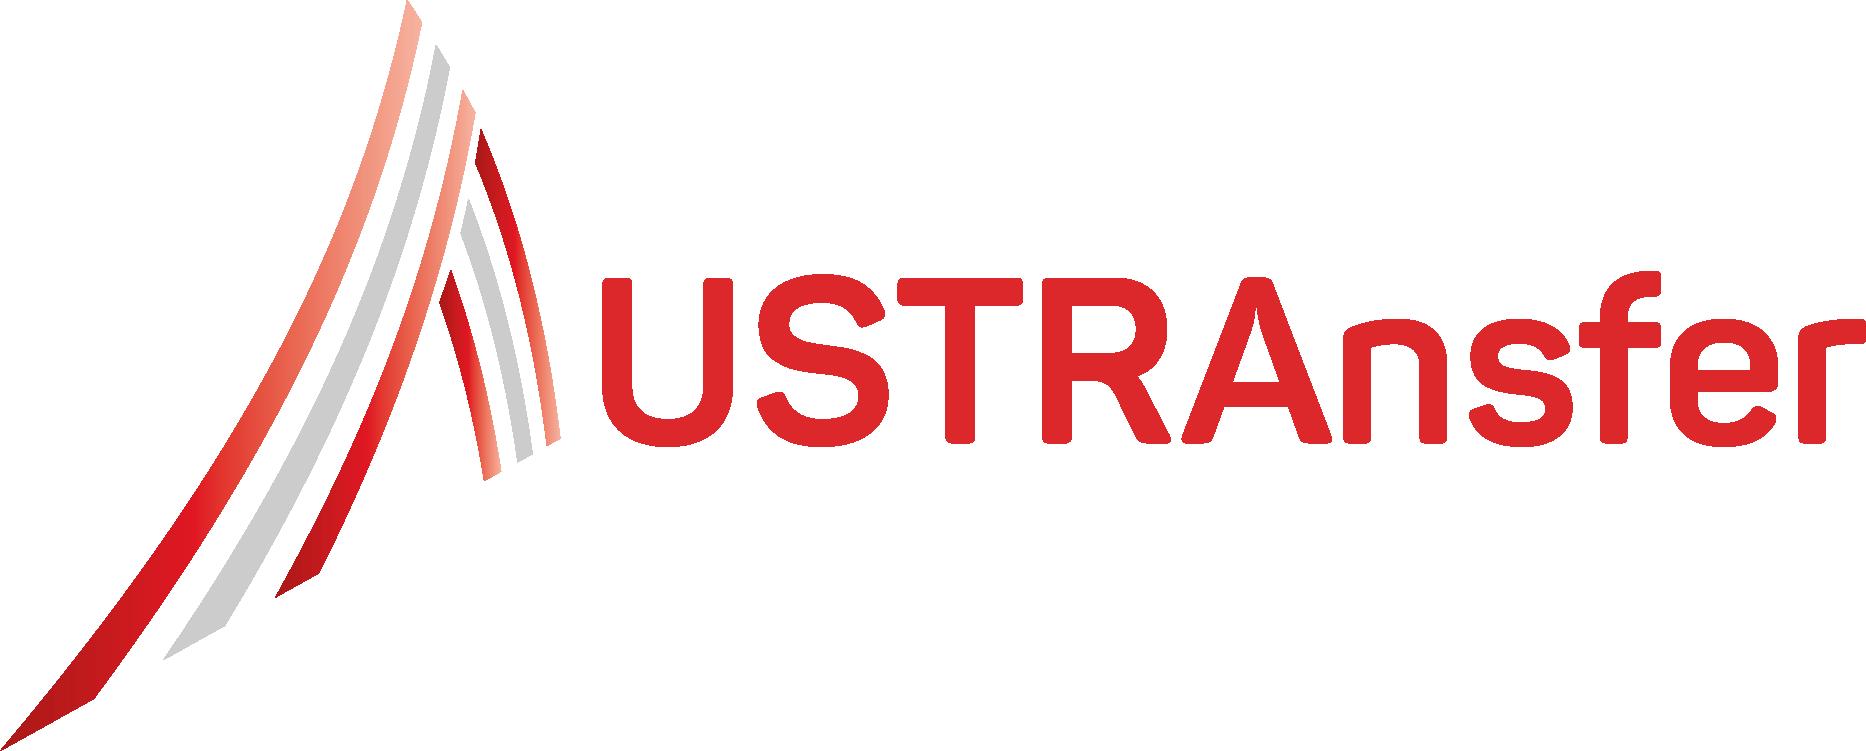 AUSTRAnsfer